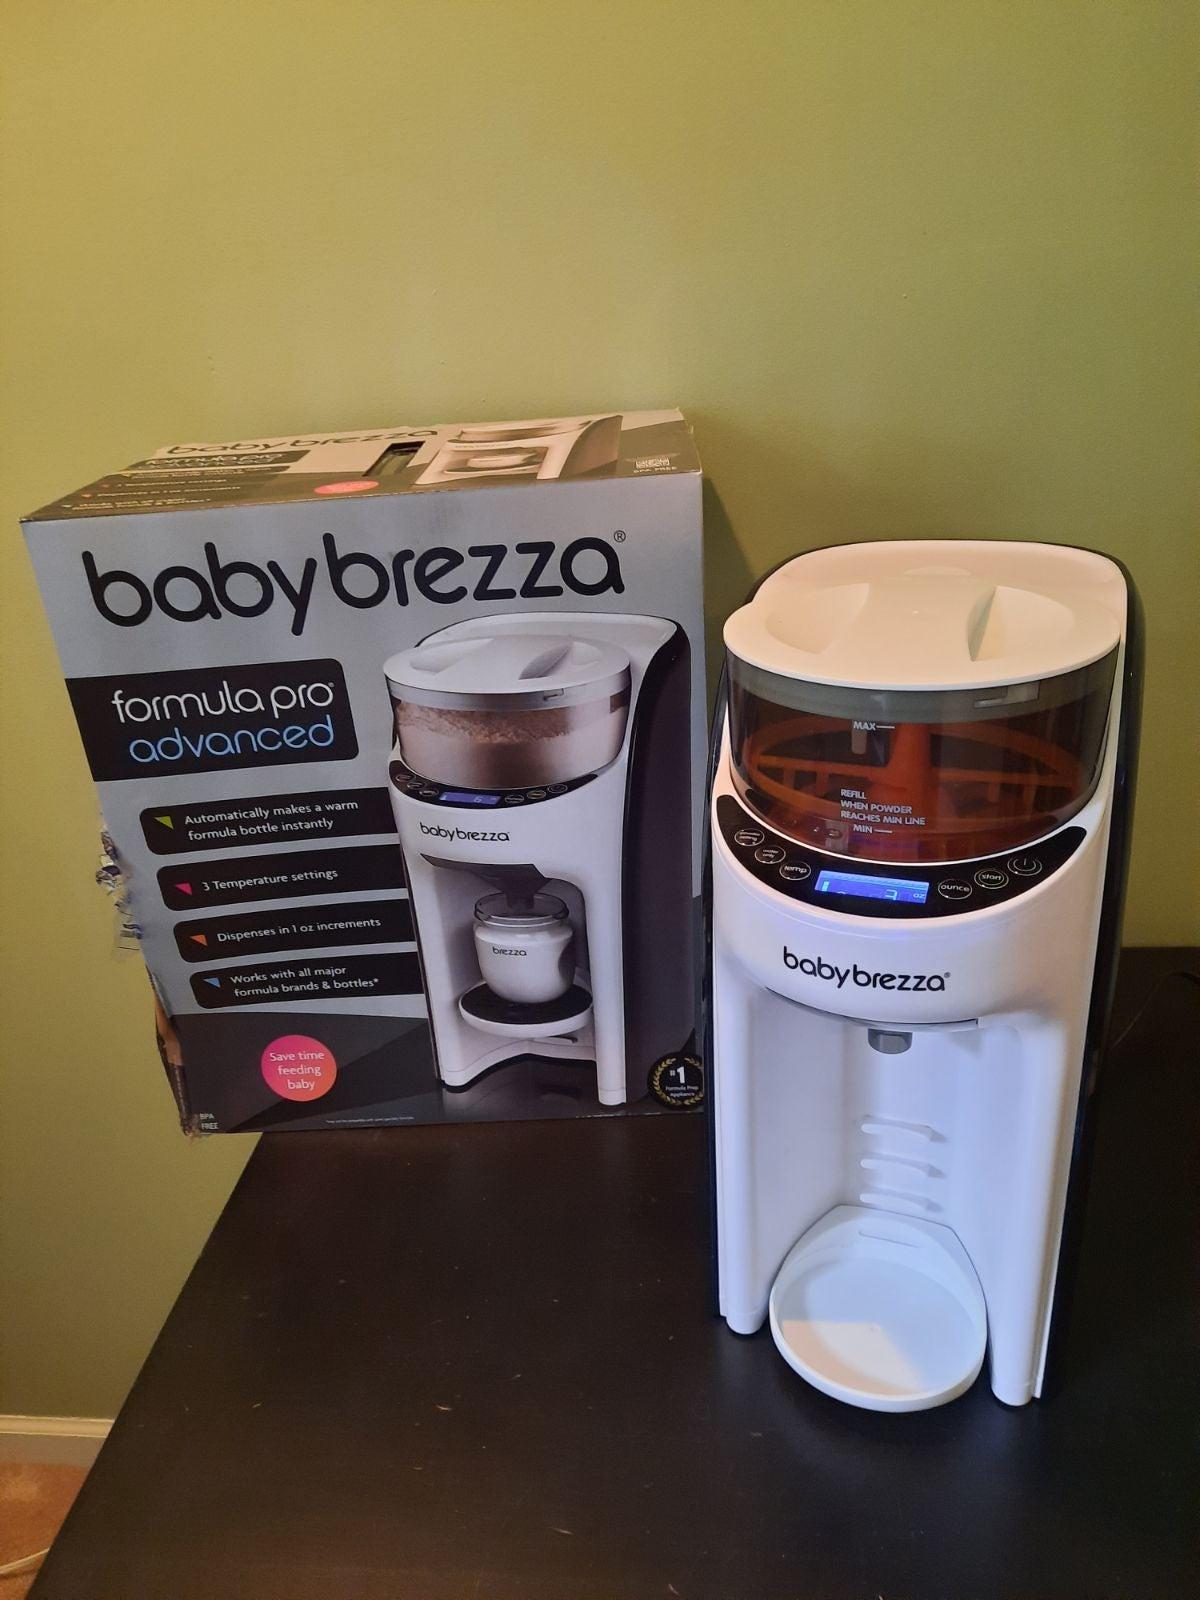 Baby Brezza Formula Pro Dispenser